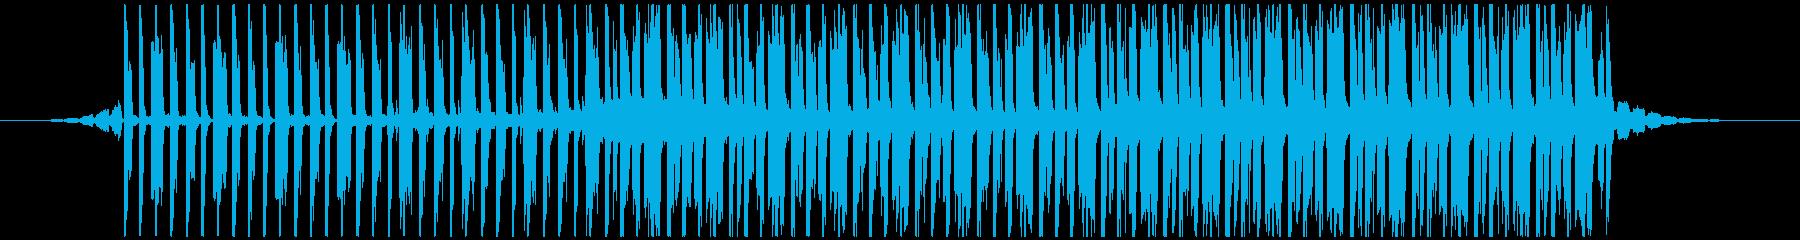 ラグジュアリーファッション(60秒)の再生済みの波形